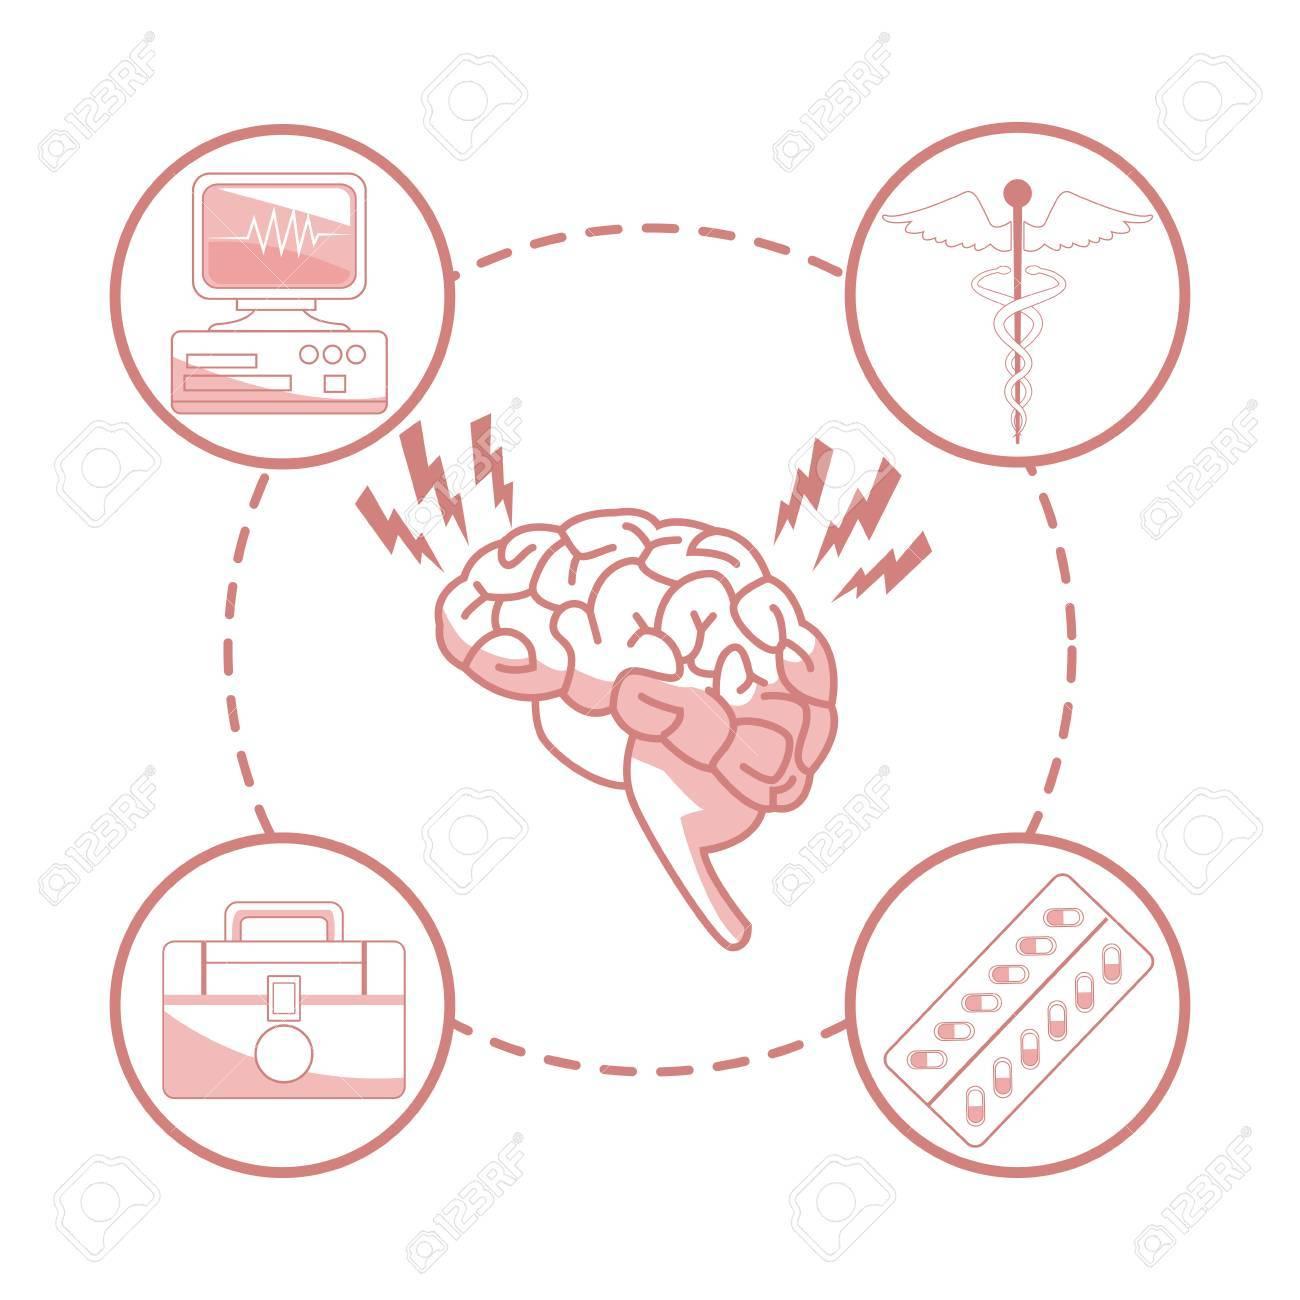 Fondo Blanco Con Secciones De Color Rojo Del órgano Del Cerebro ...